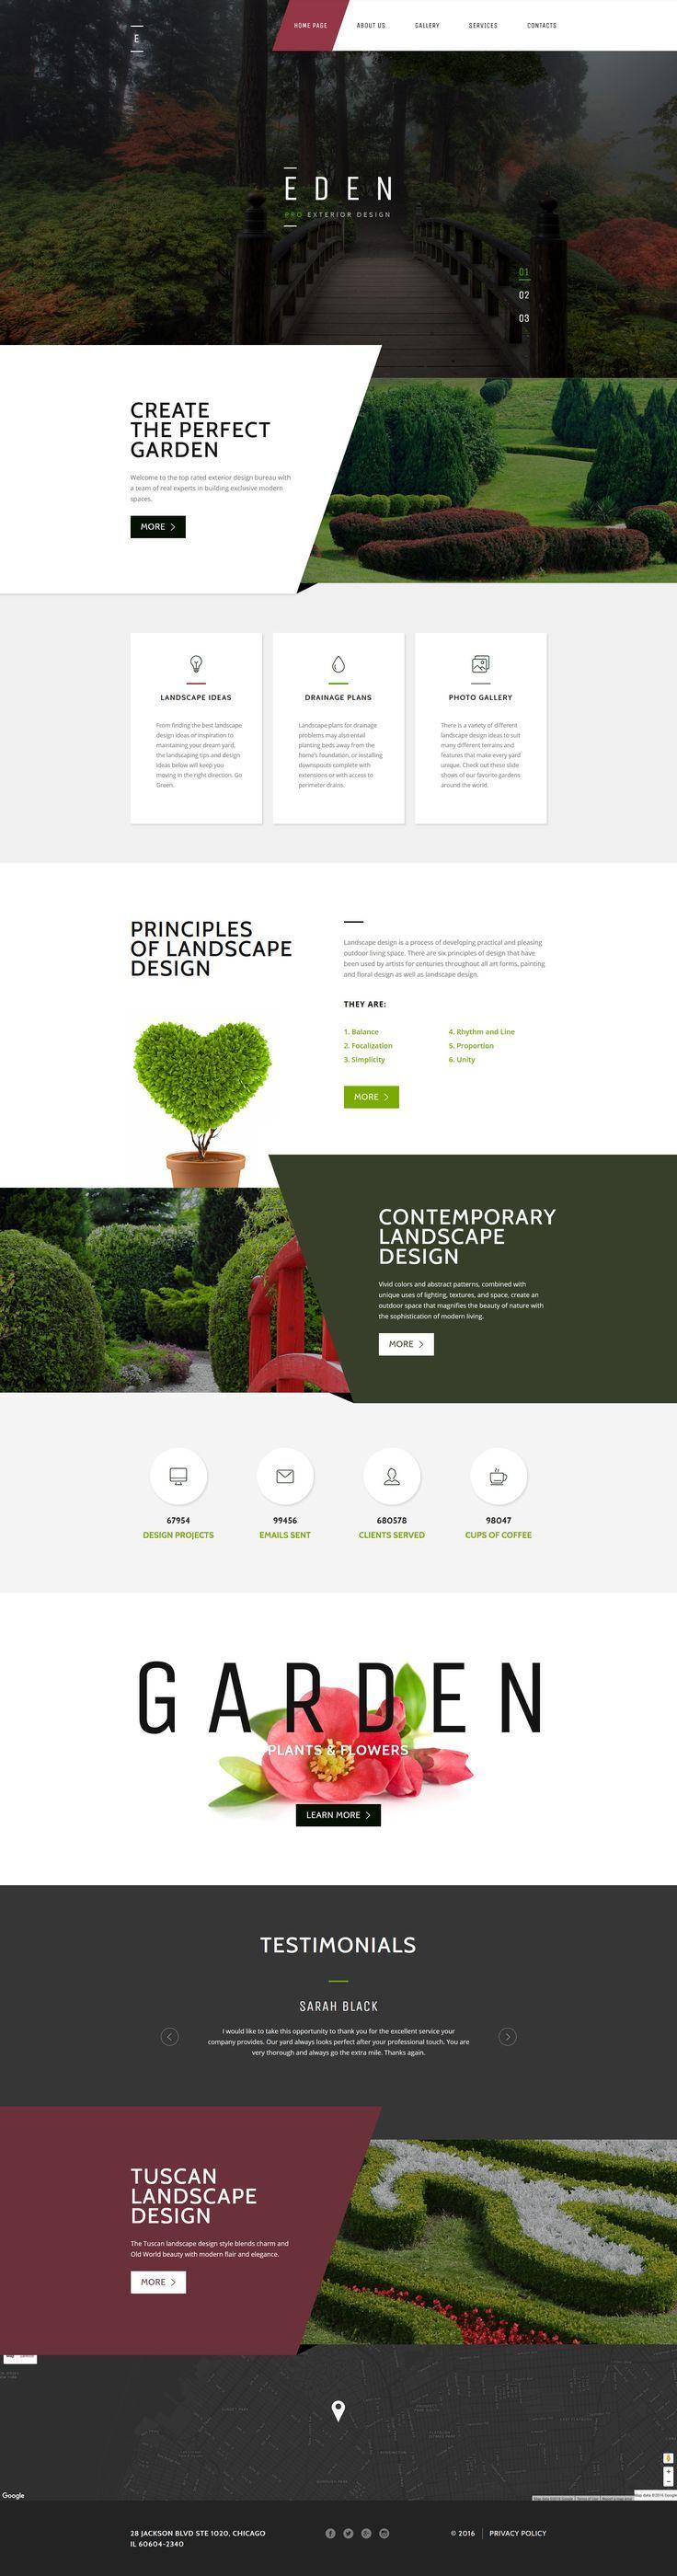 Merveilleux Garden Design Responsive Website Template #58440  Http://www.templatemonster.com/website Templates/garden Design Responsive  Website Template 58440.html #html ...